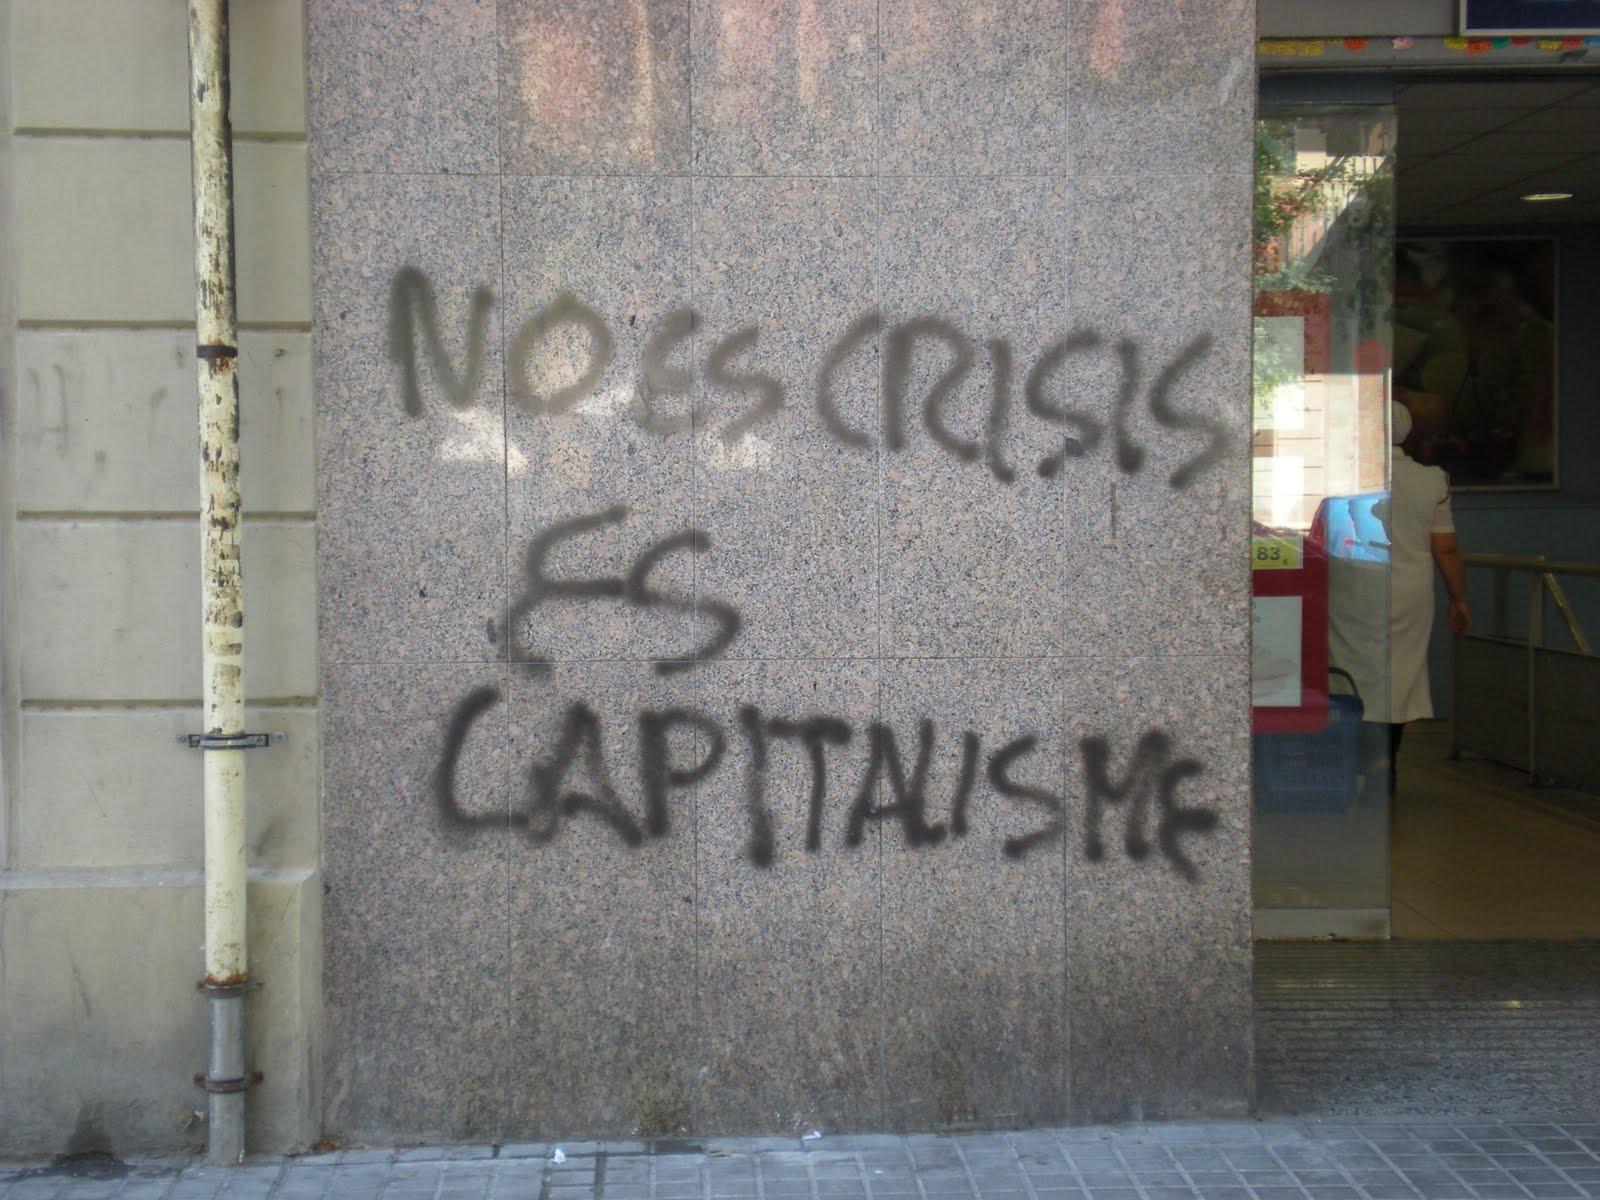 No és crisi, és capitalisme